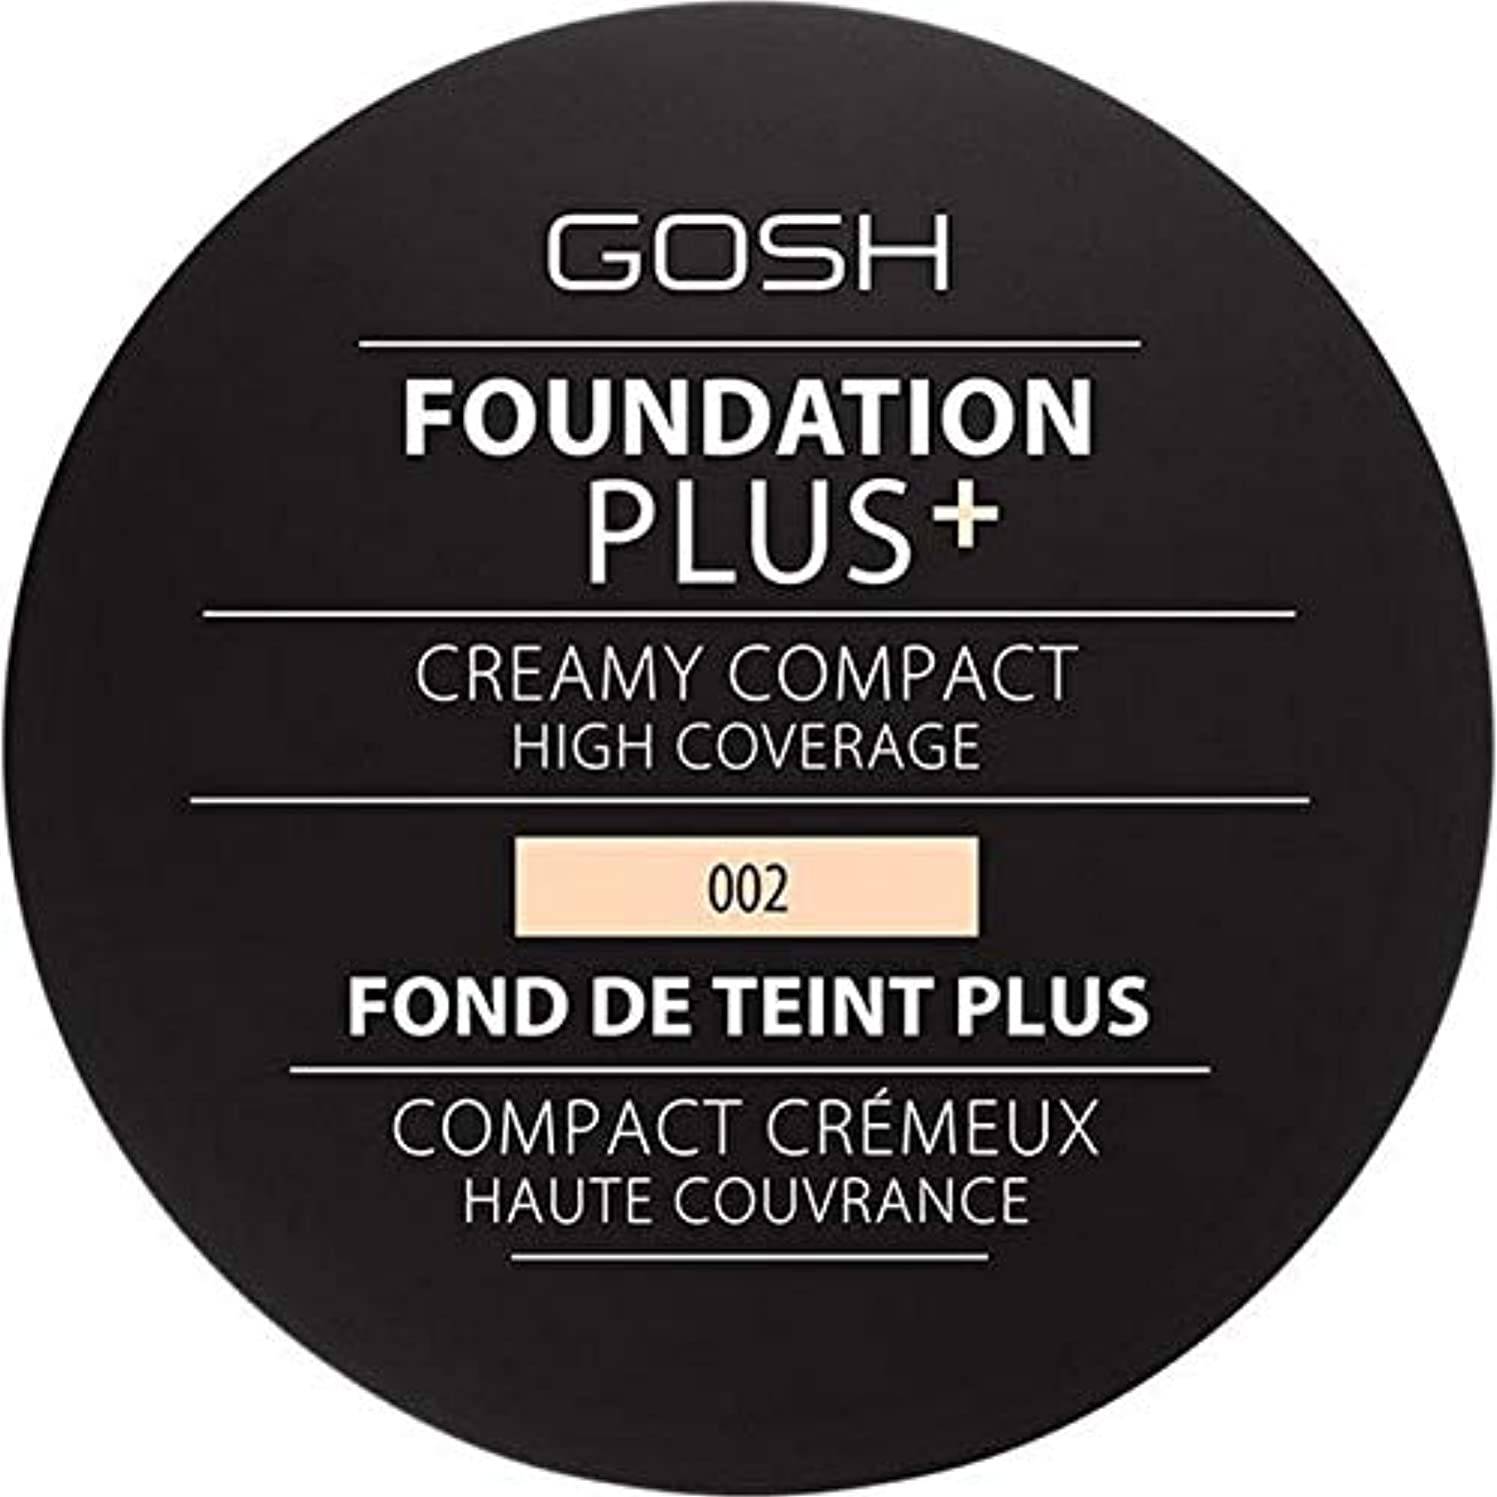 話ビーチ厳[GOSH ] 基礎プラス+クリーミーコンパクトアイボリー002 - Foundation Plus+ Creamy Compact Ivory 002 [並行輸入品]